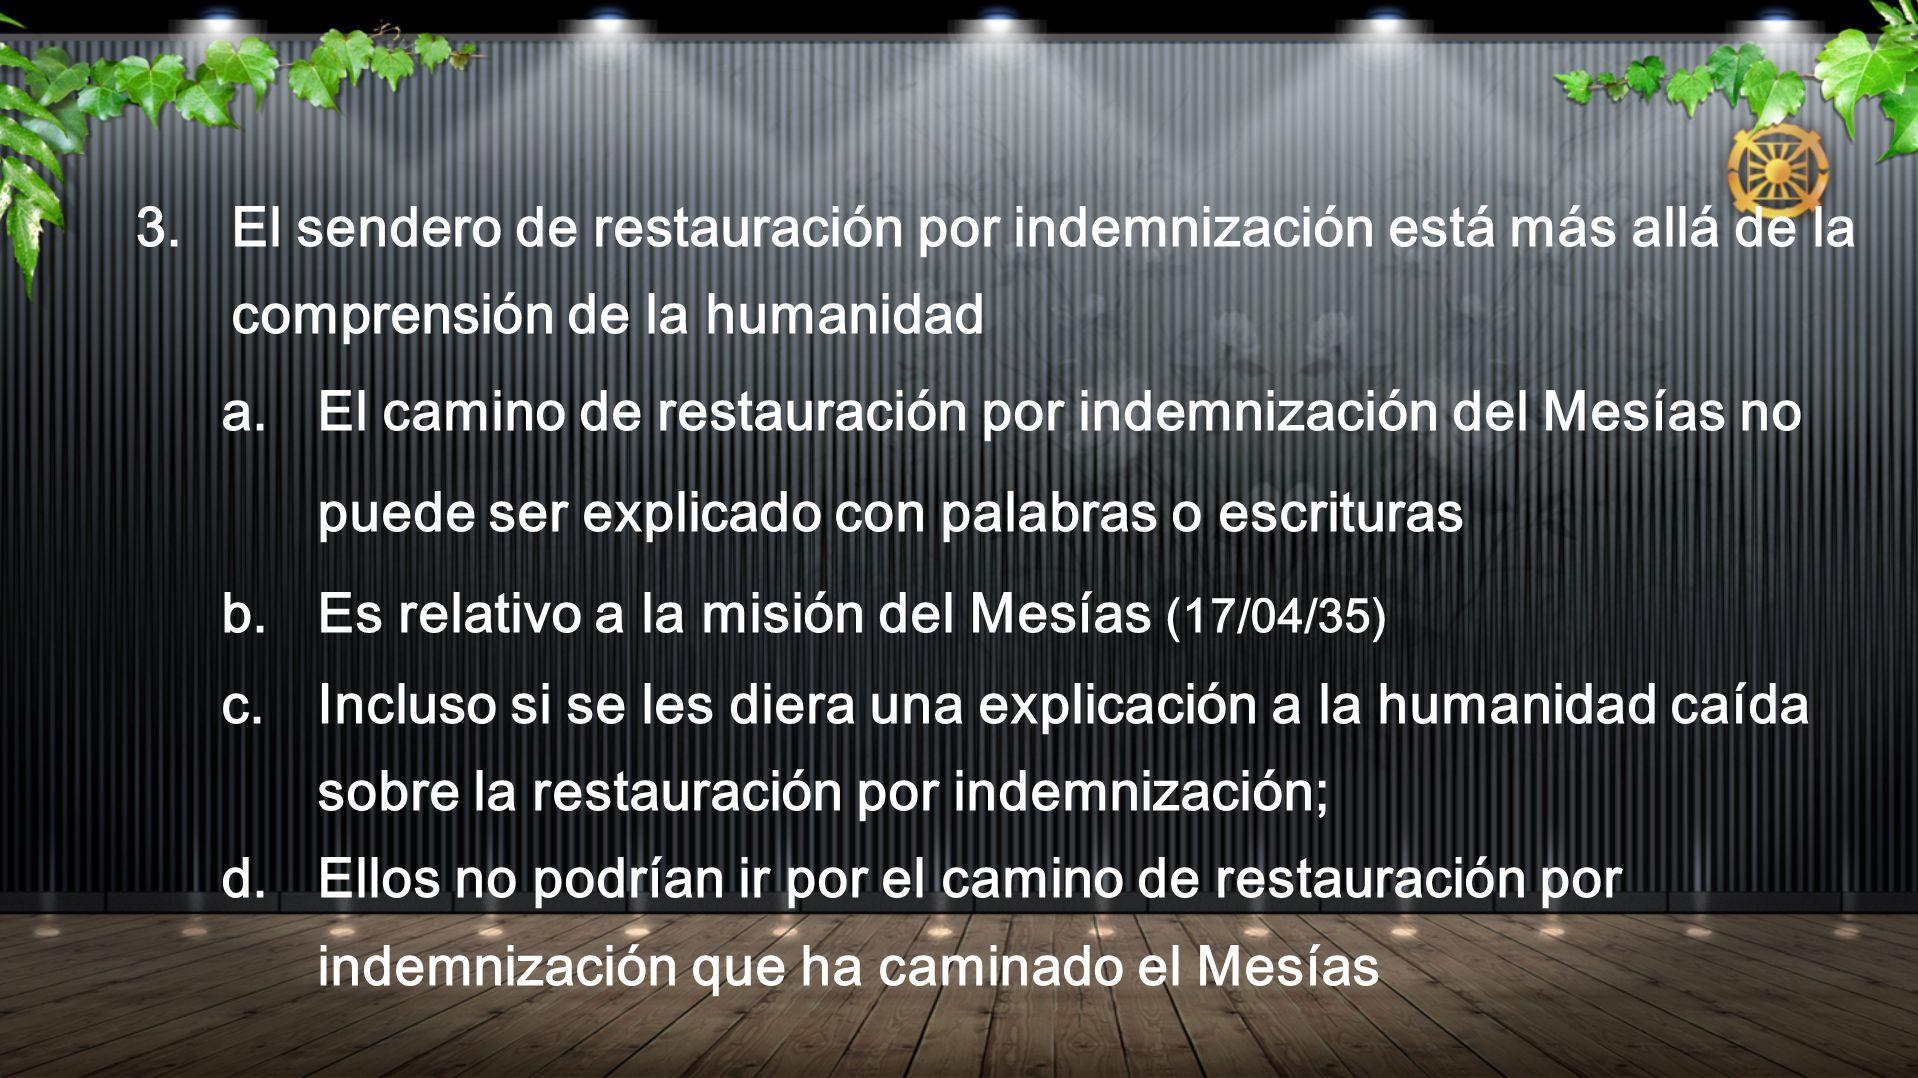 3. El sendero de restauración por indemnización está más allá de la comprensión de la humanidad a. El camino de restauración por indemnización del Mes